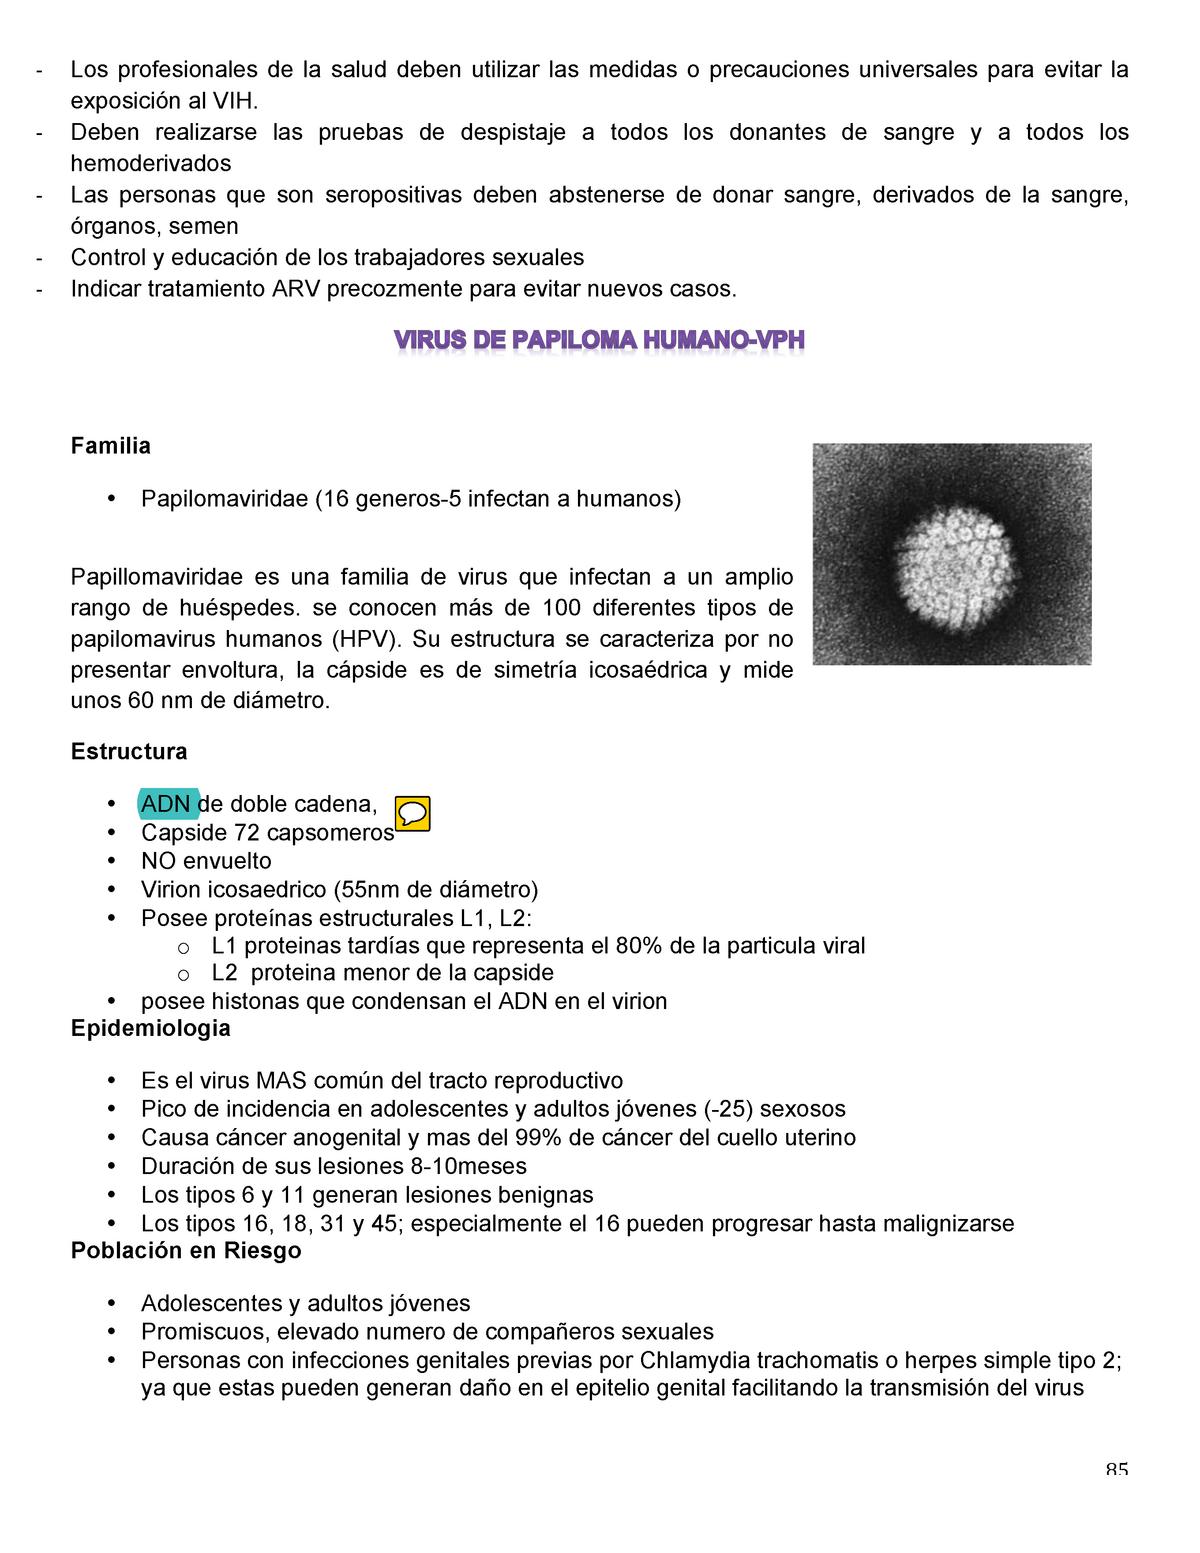 papillomaviridae tratamiento